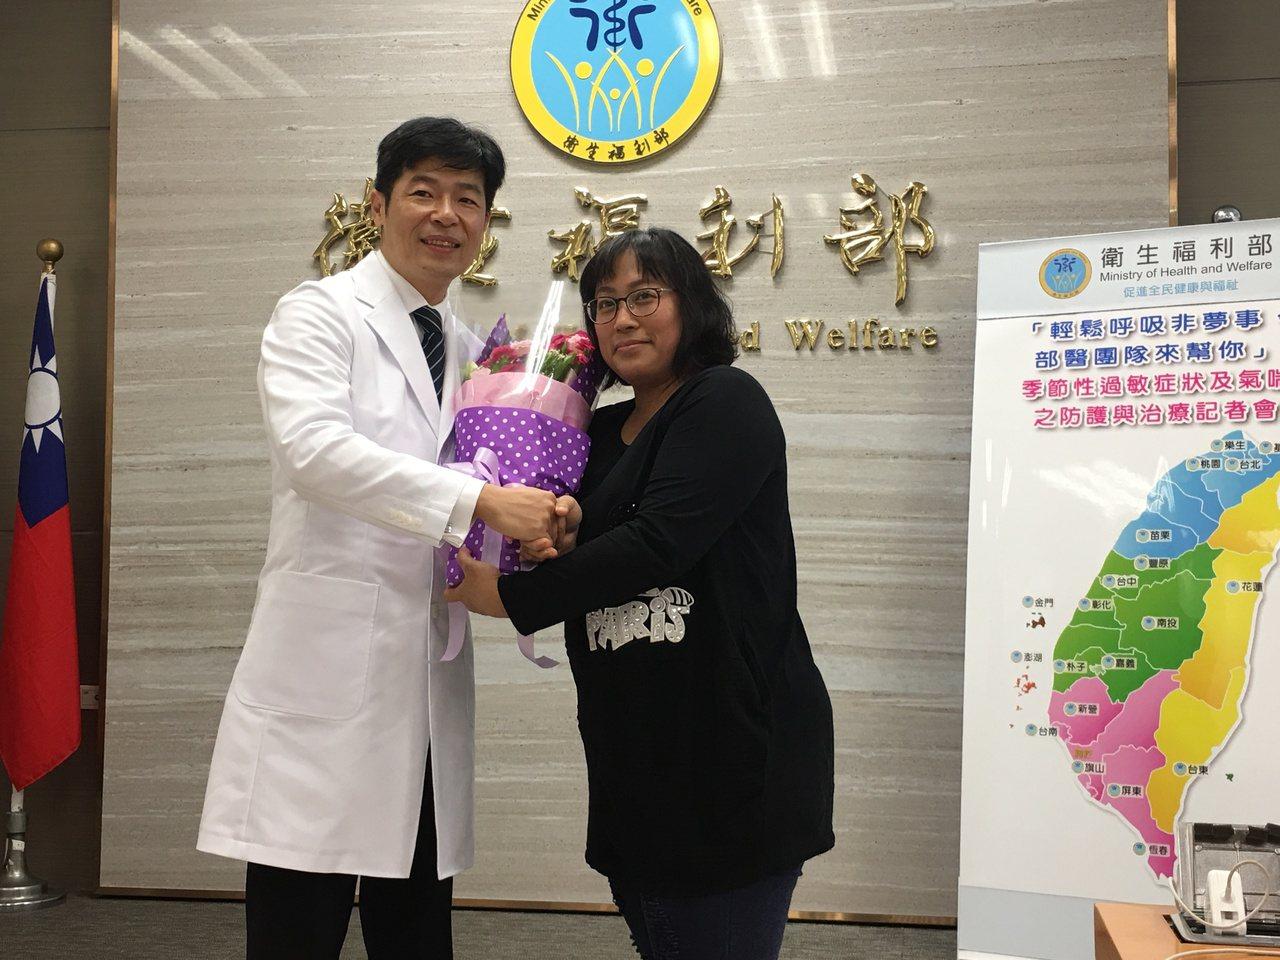 過敏性皮膚炎的馮太太(右)送上花束,感謝樂生療養院中醫科主任徐蔚泓(左)的治療。...